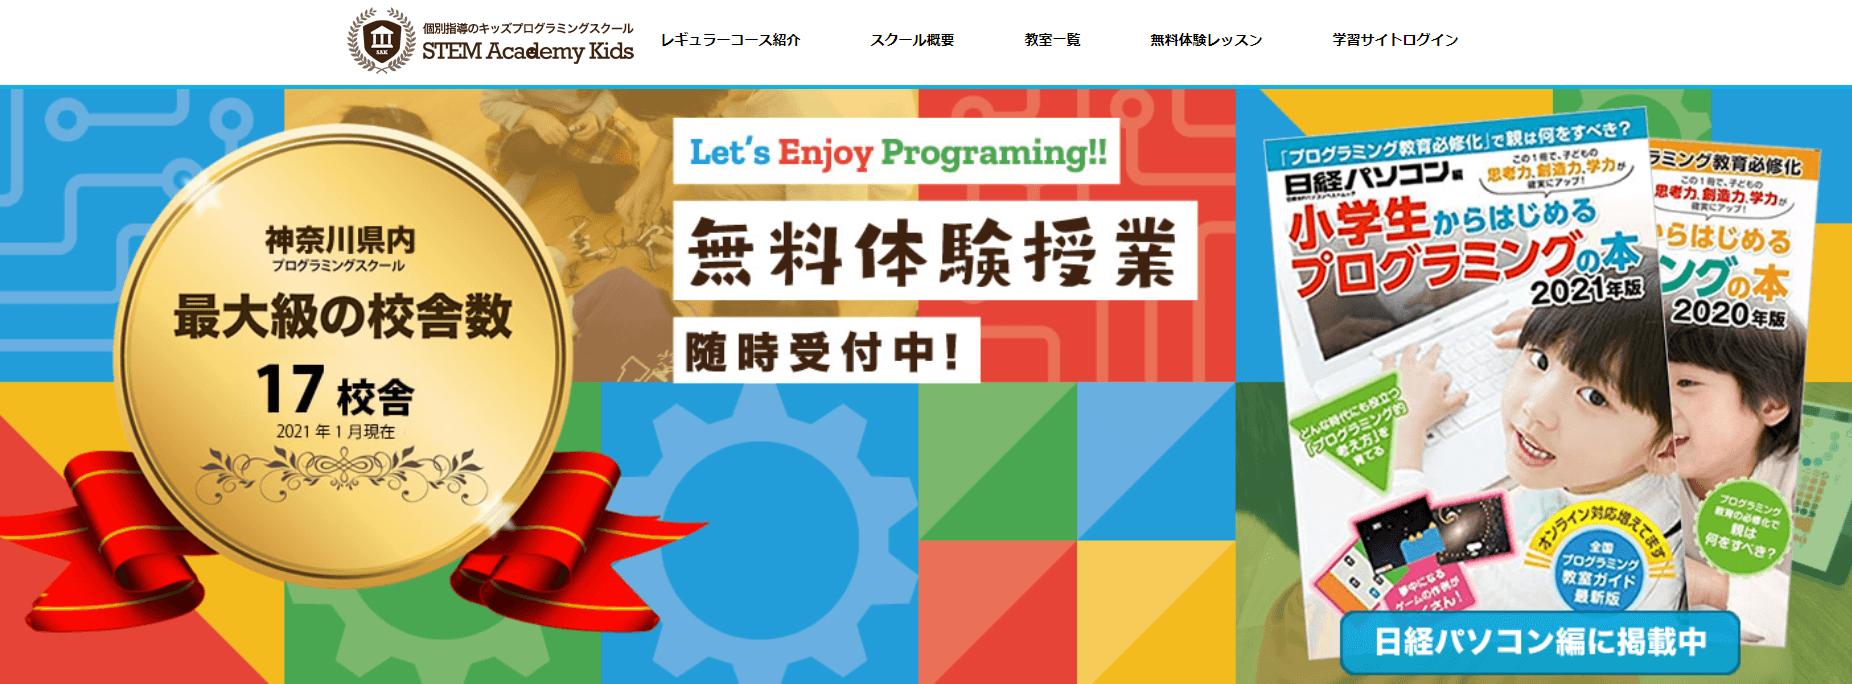 プログラミングスクール_子ども_おすすめ_stem_academy_kids